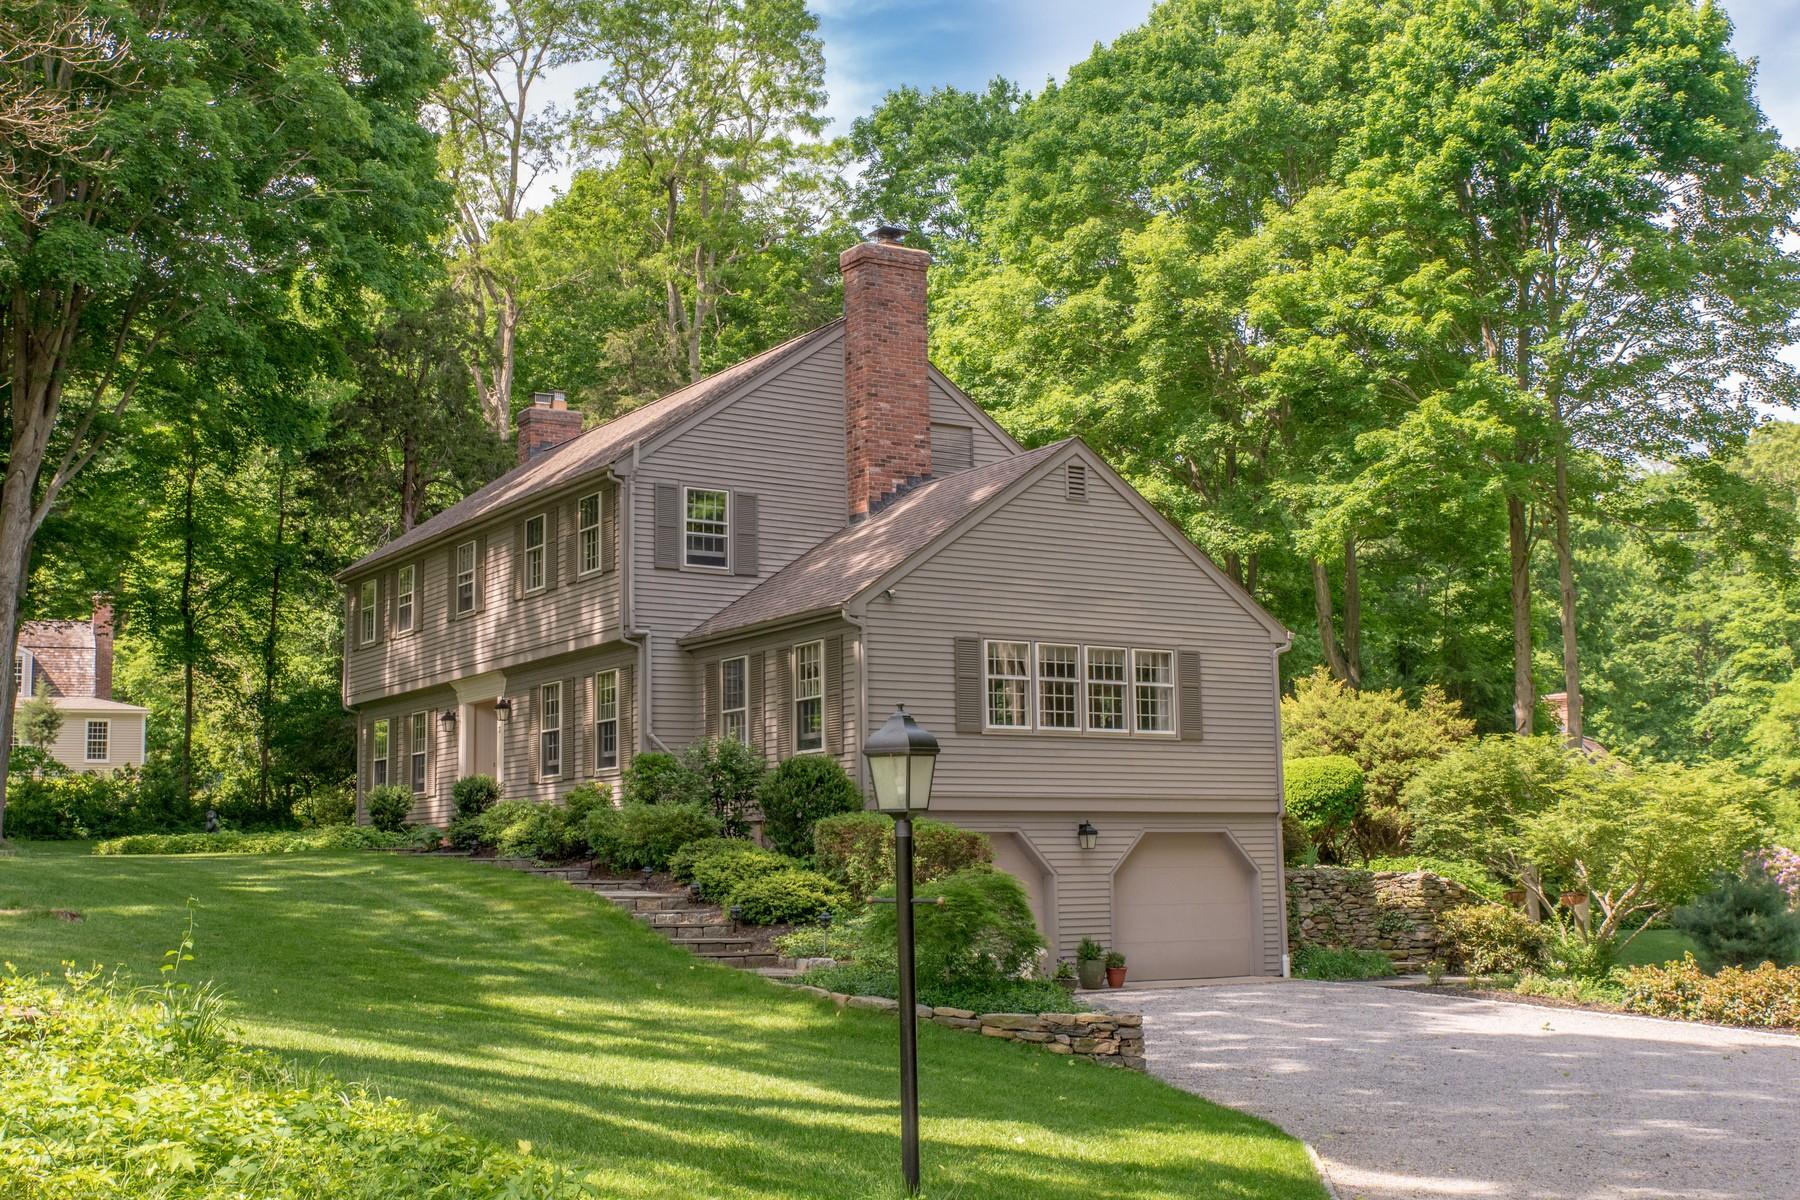 独户住宅 为 销售 在 Recently Renovated, Gracious Colonial 3 Hudson Ln 埃塞克斯, 康涅狄格州, 06426 美国